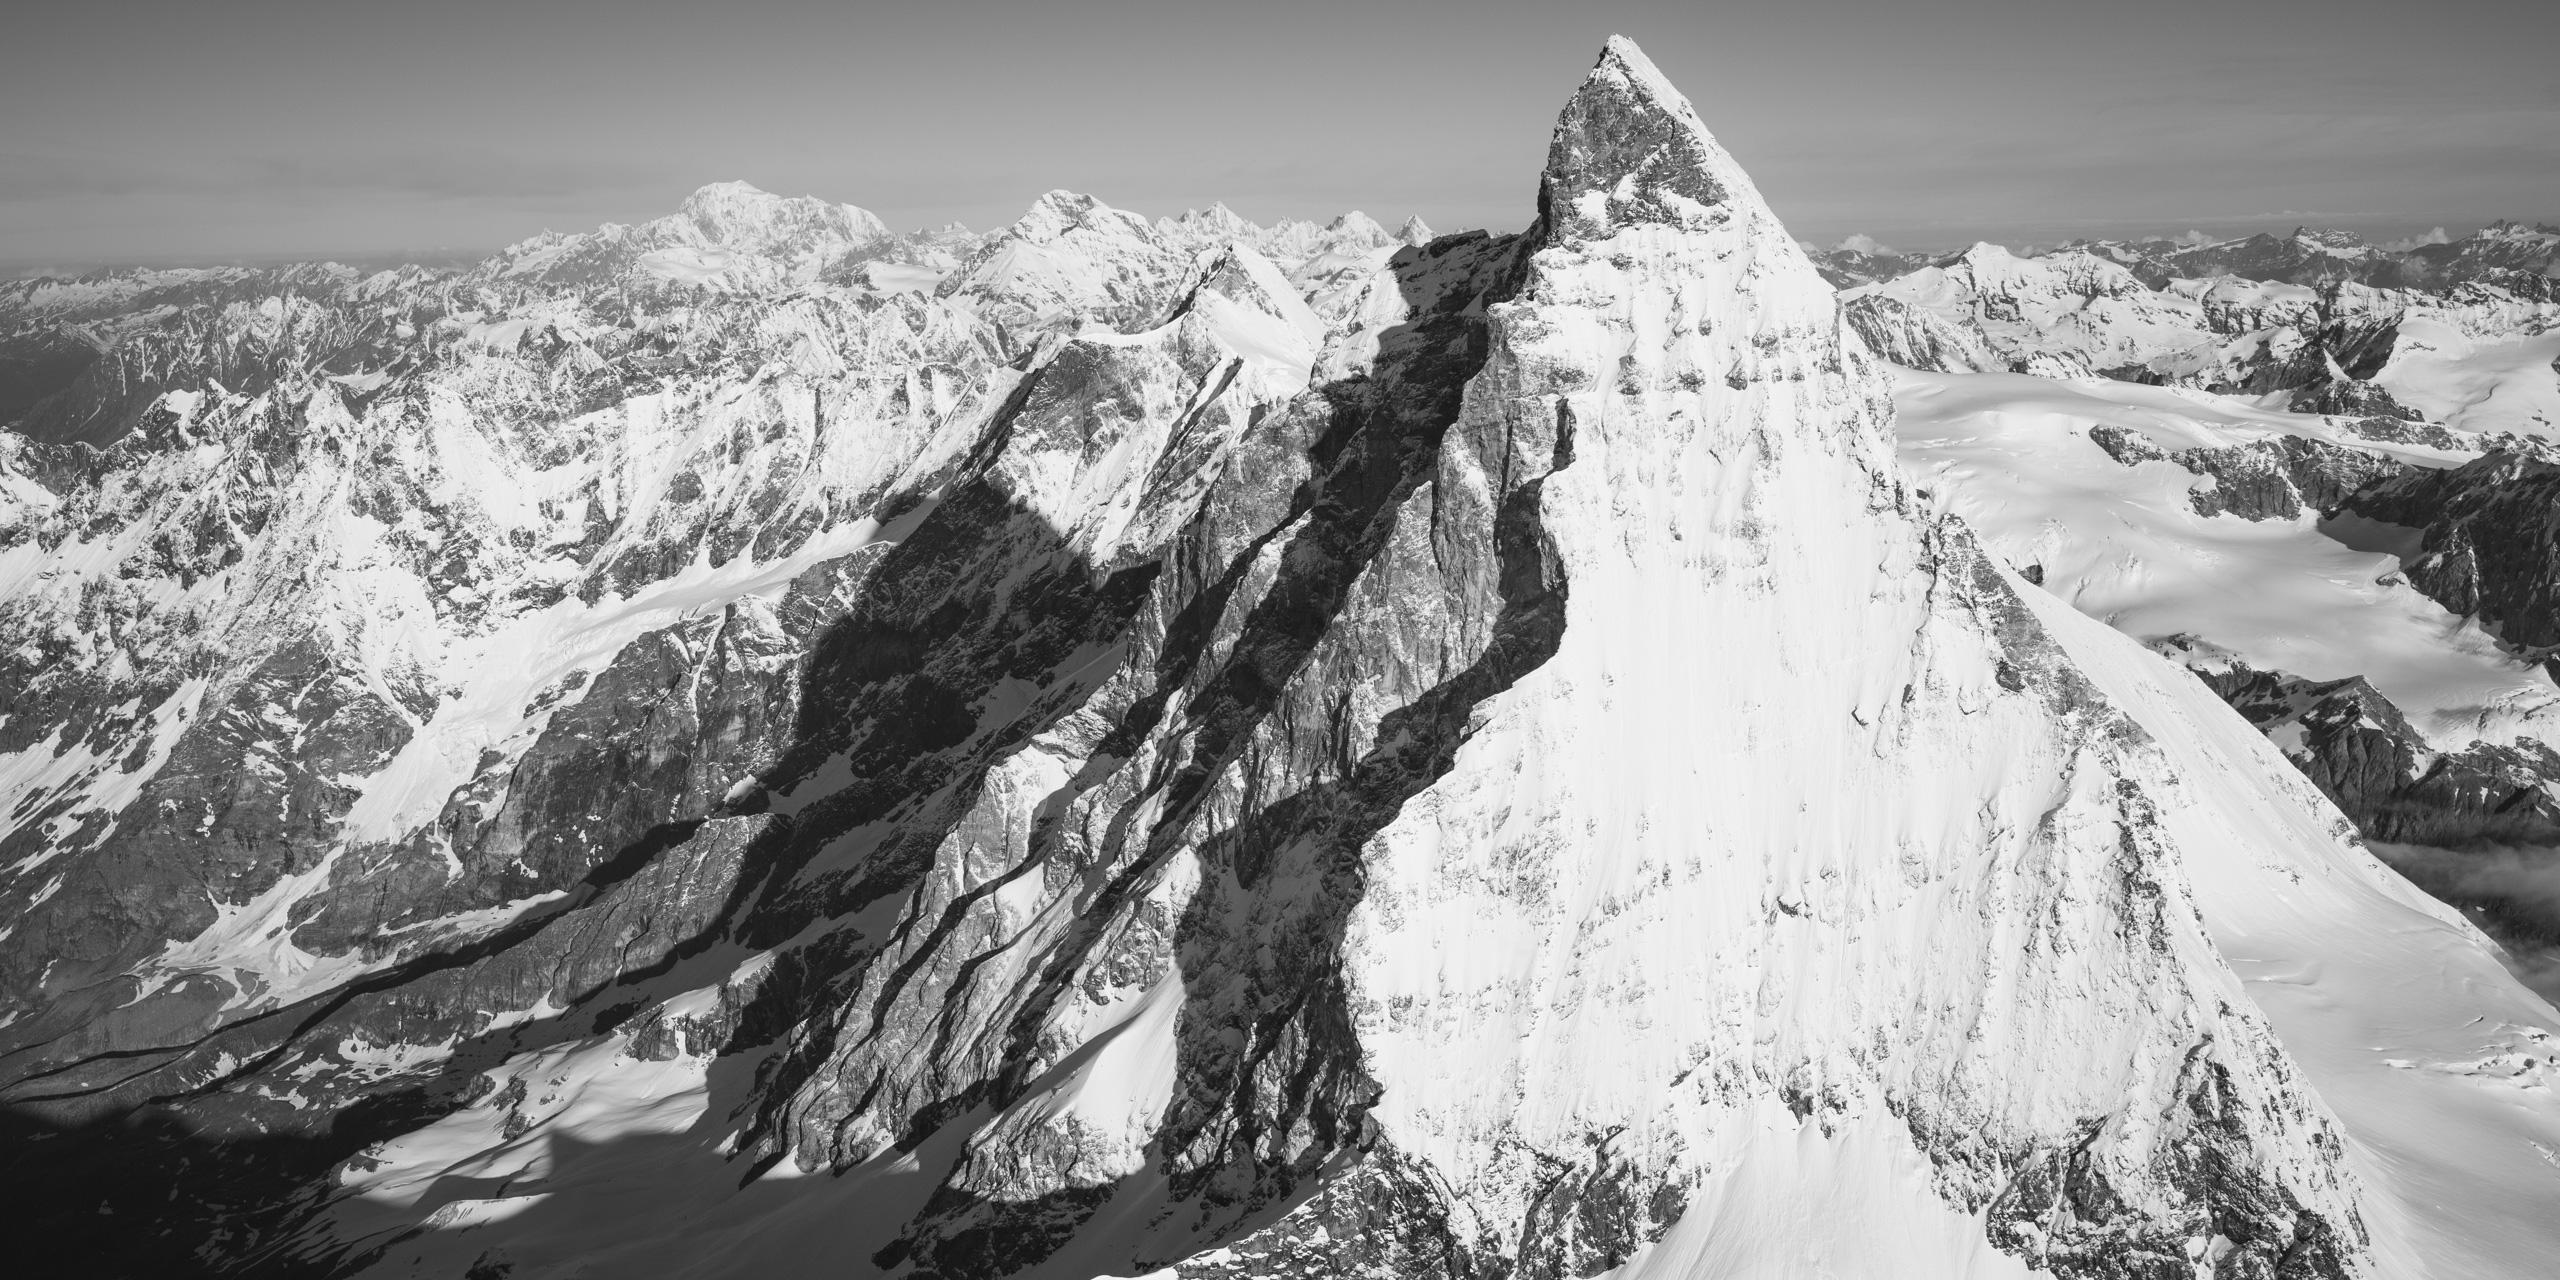 Mont Cervin Alpes Suisses - vue panoramique d'un montagne en noir et blanc